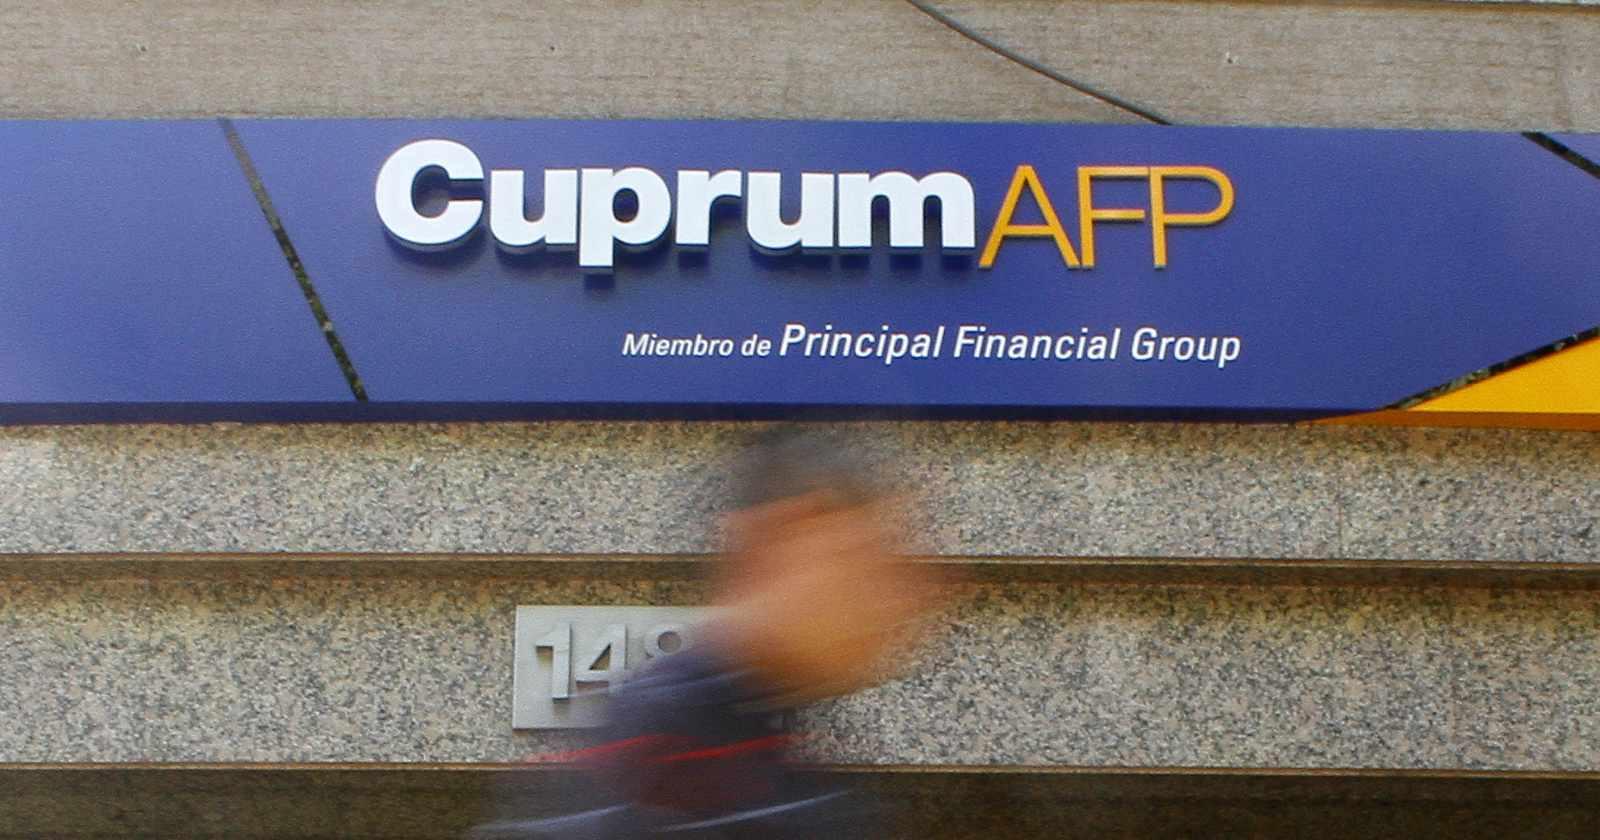 Ex abogado de AFP Cuprum y fallo de Antofagasta: